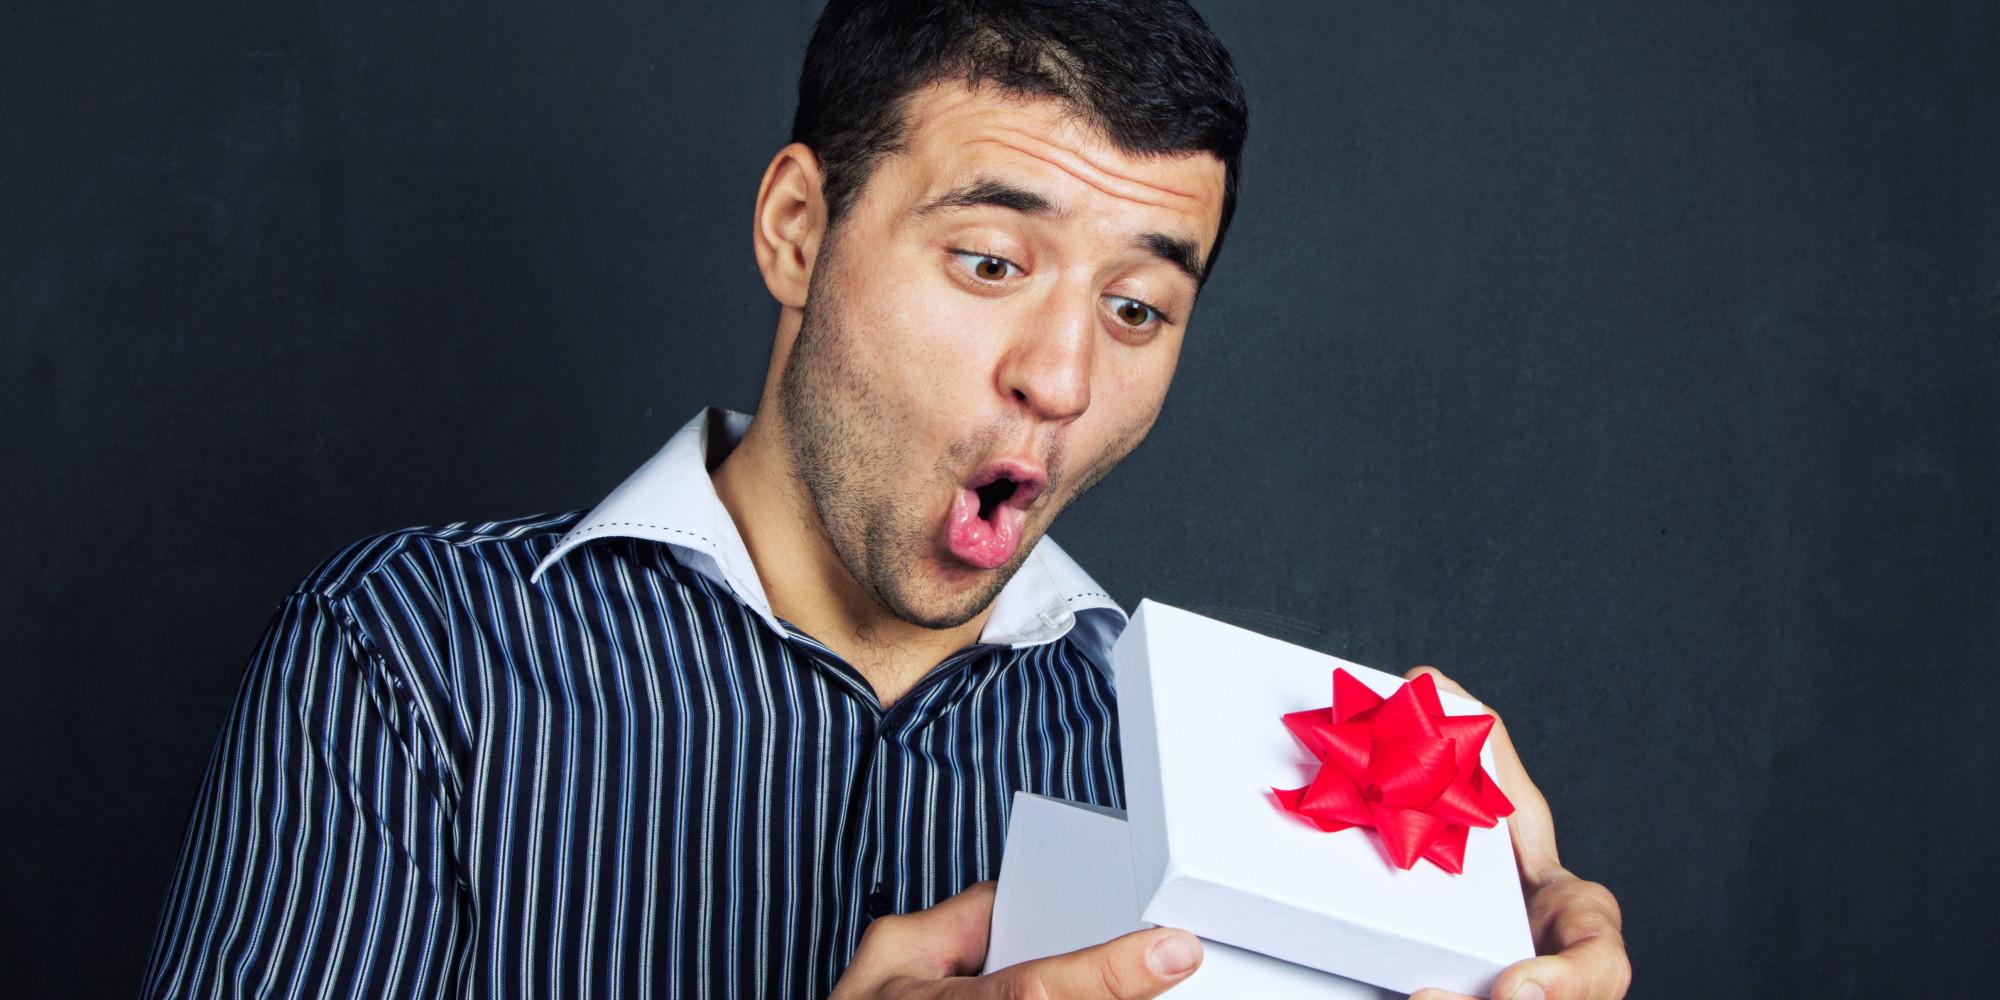 подарок картинки мужчине